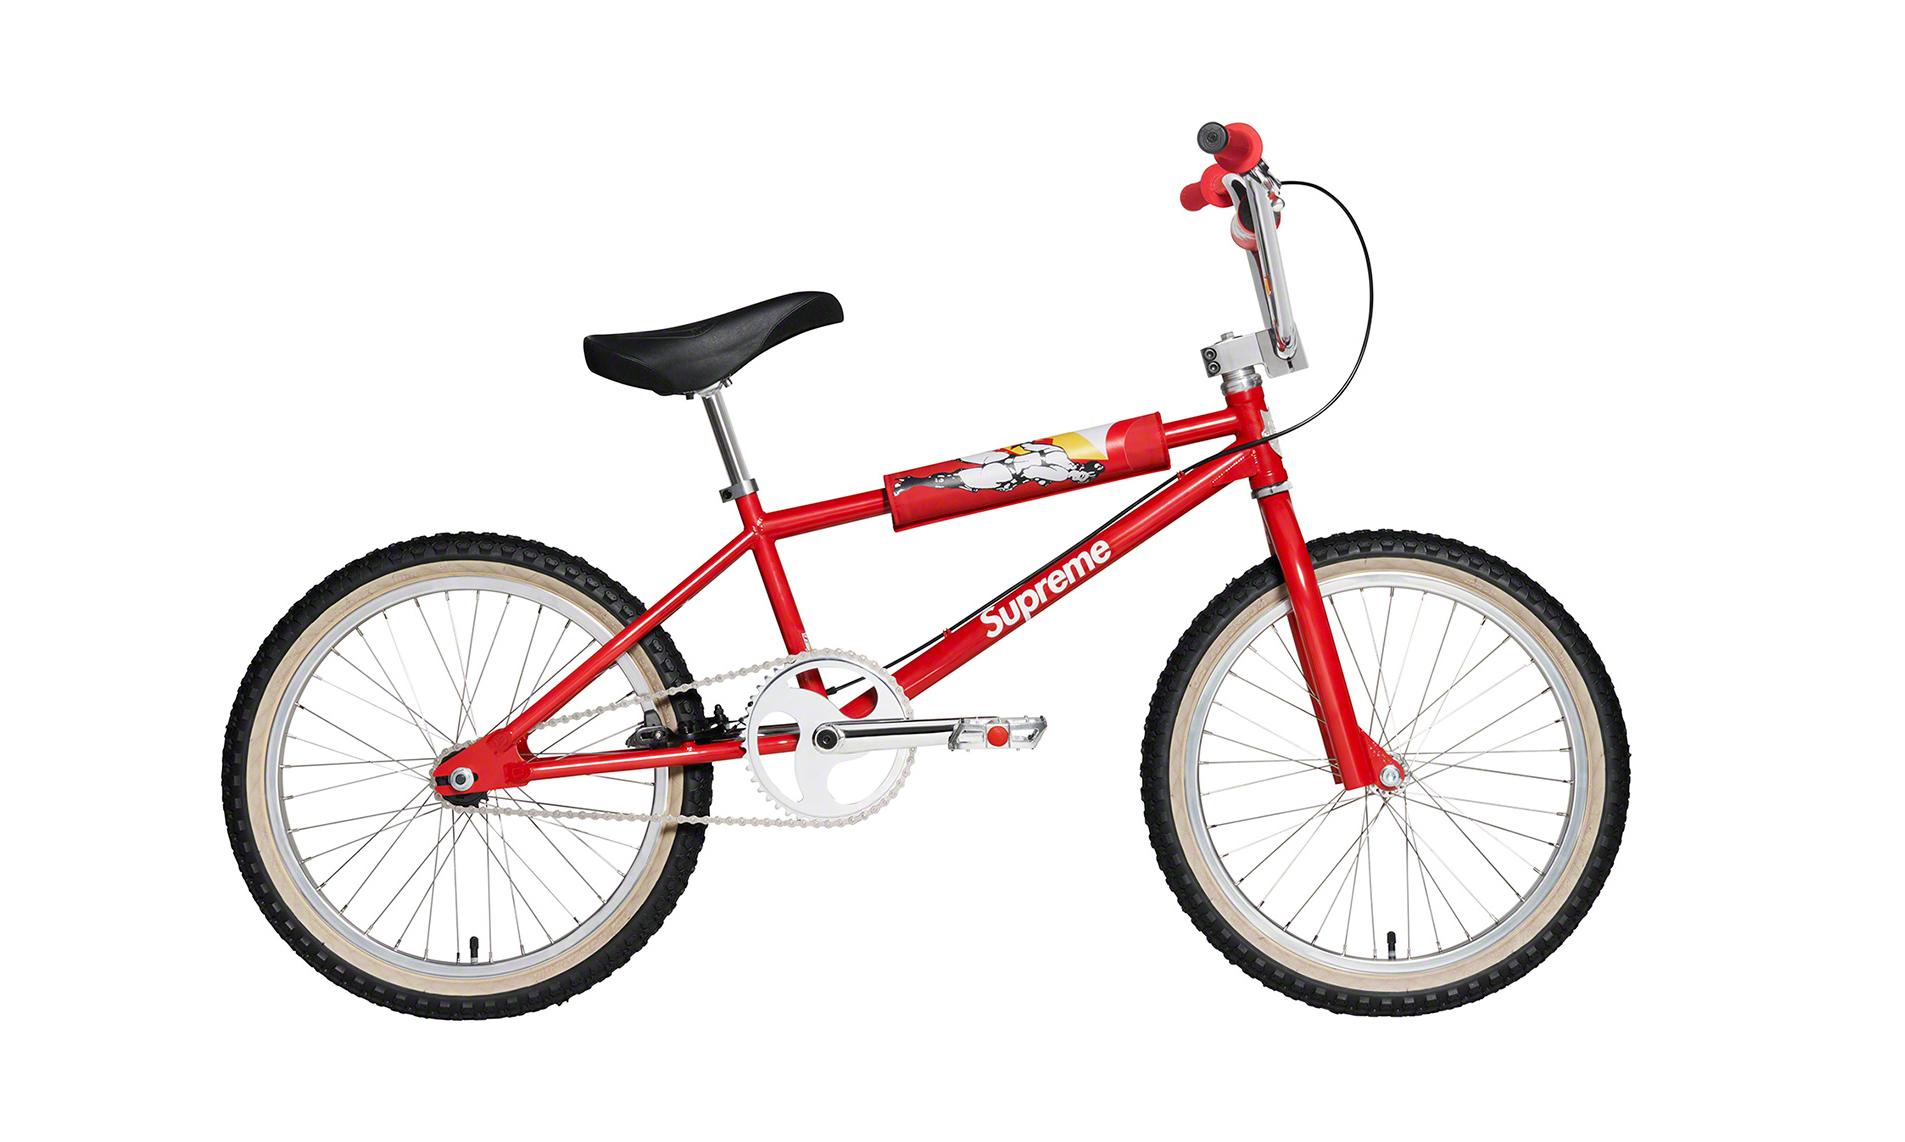 售价上万,Supreme x S&M™ 1995 BMX 单车将于本周登场